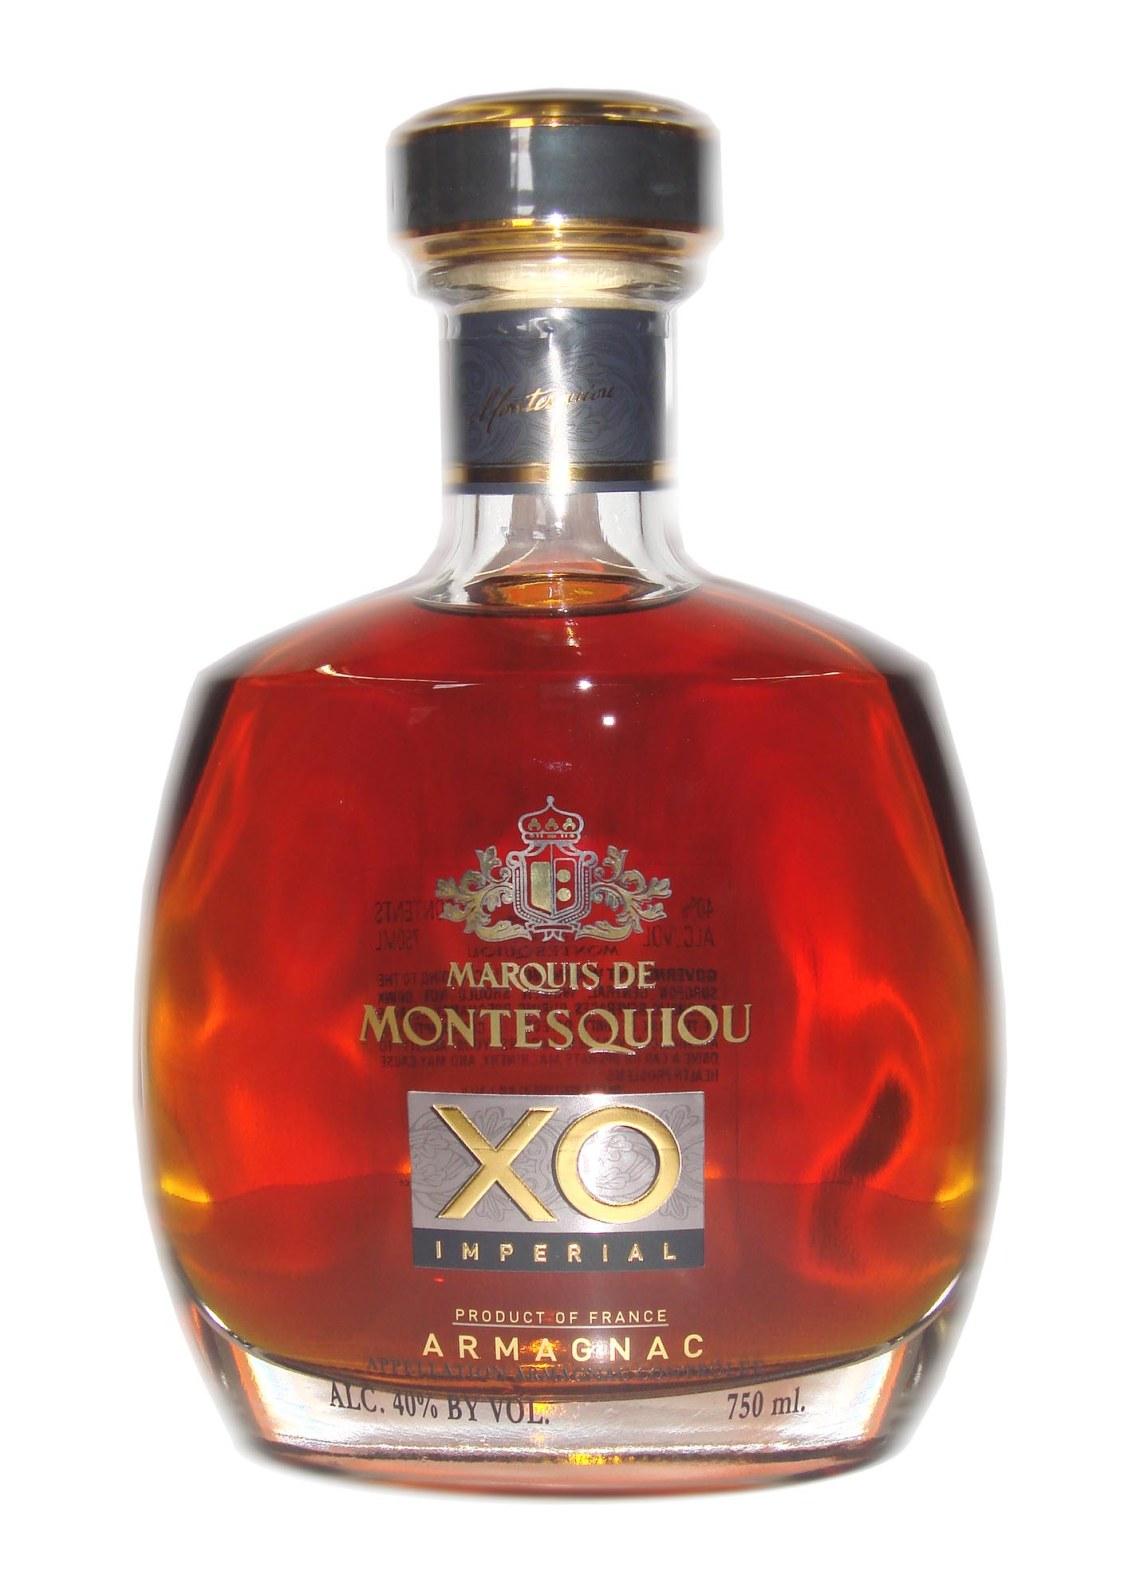 Marquis de Montesquiou Armagnac XO Imperial